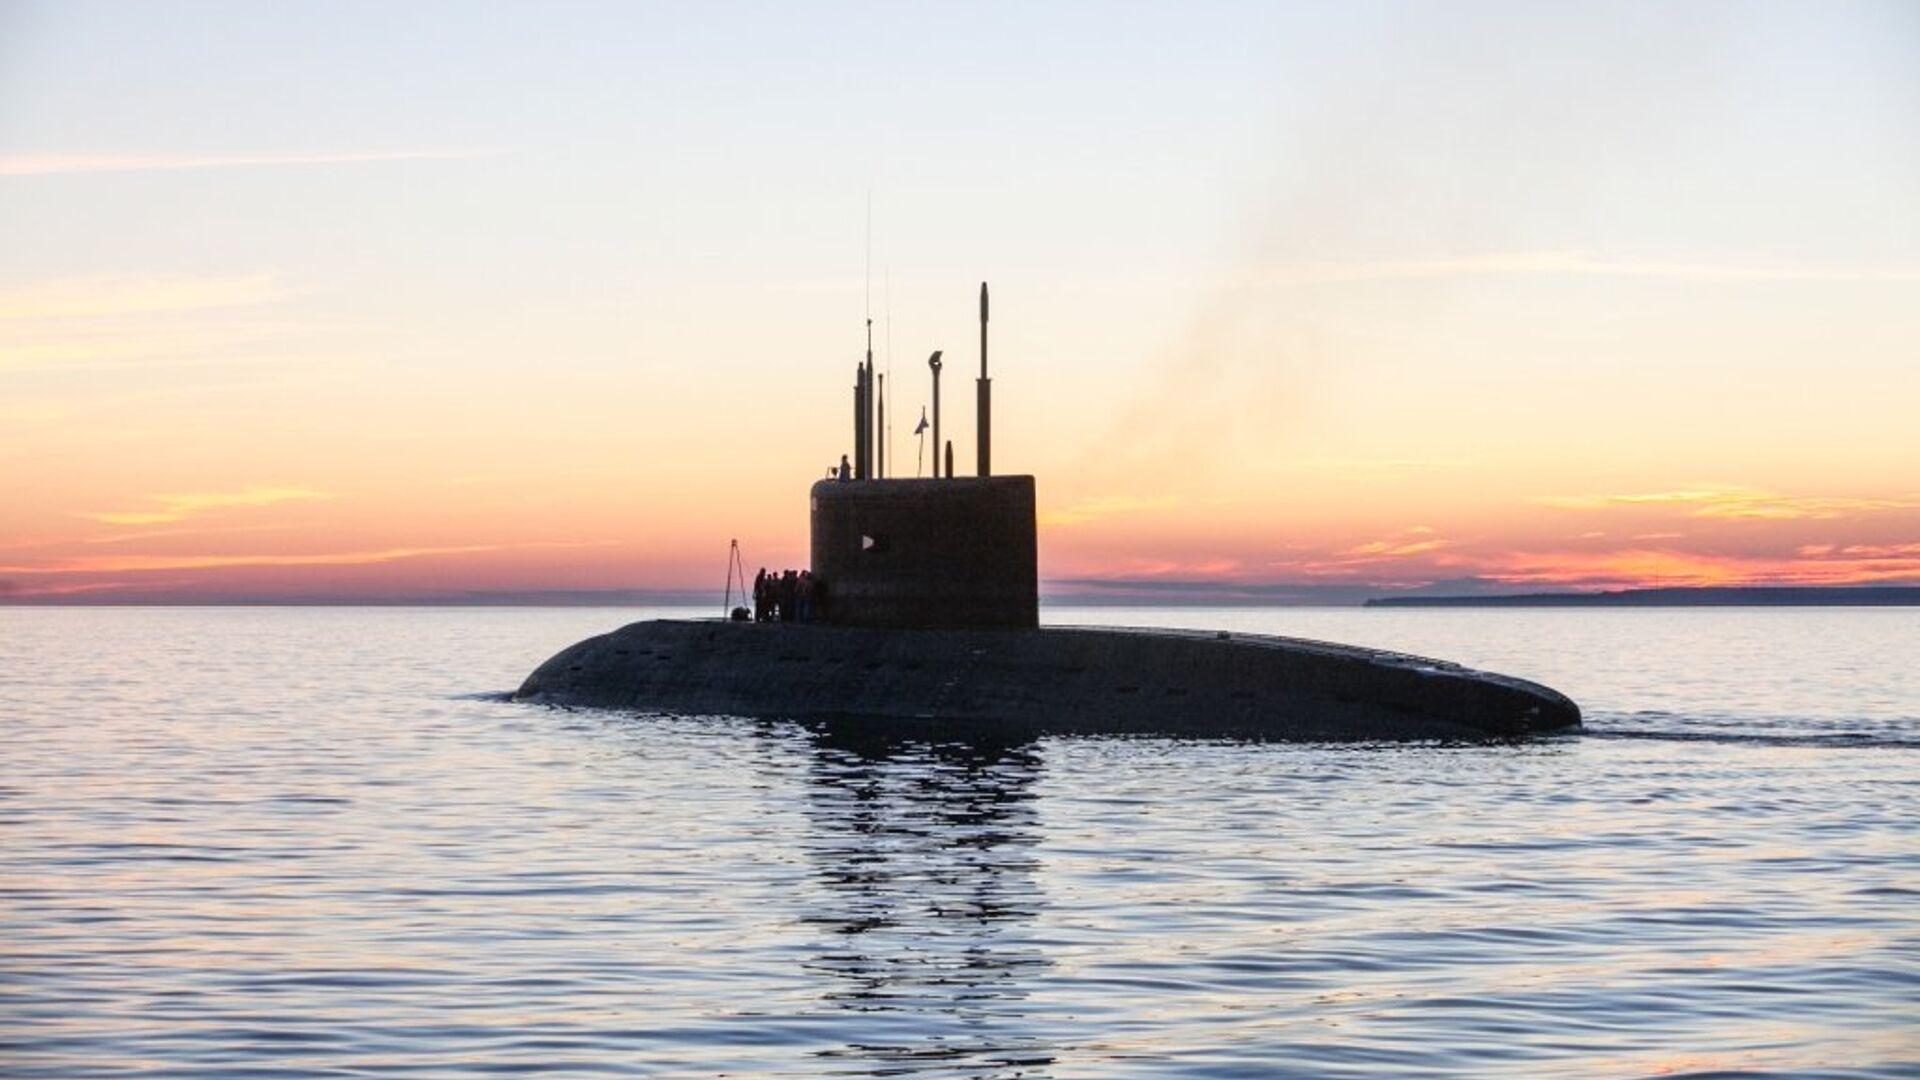 Заводские ходовые испытания подводной лодки. Вид на левый борт - РИА Новости, 1920, 30.07.2021